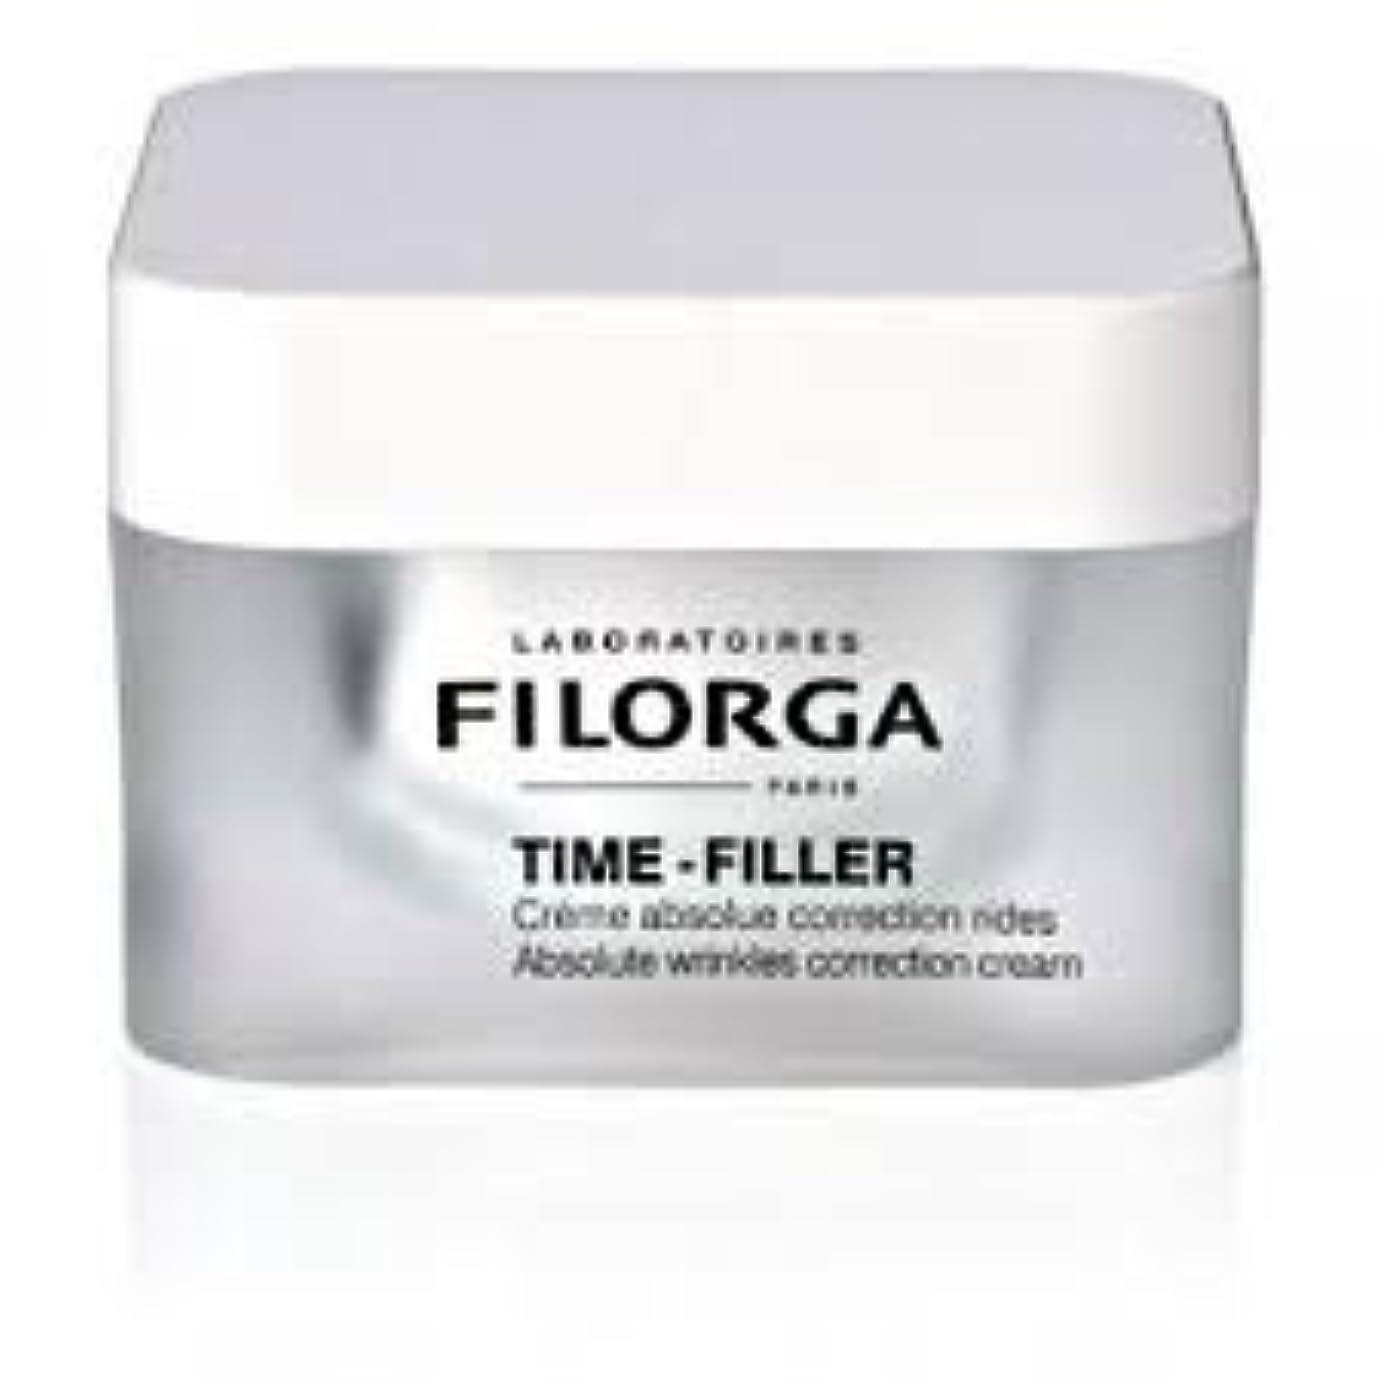 オープナー警官魚フィロルガ[FILORGA]タイム フィラー 50ML TIME FILLER 50ML [海外直送品] [並行輸入品]